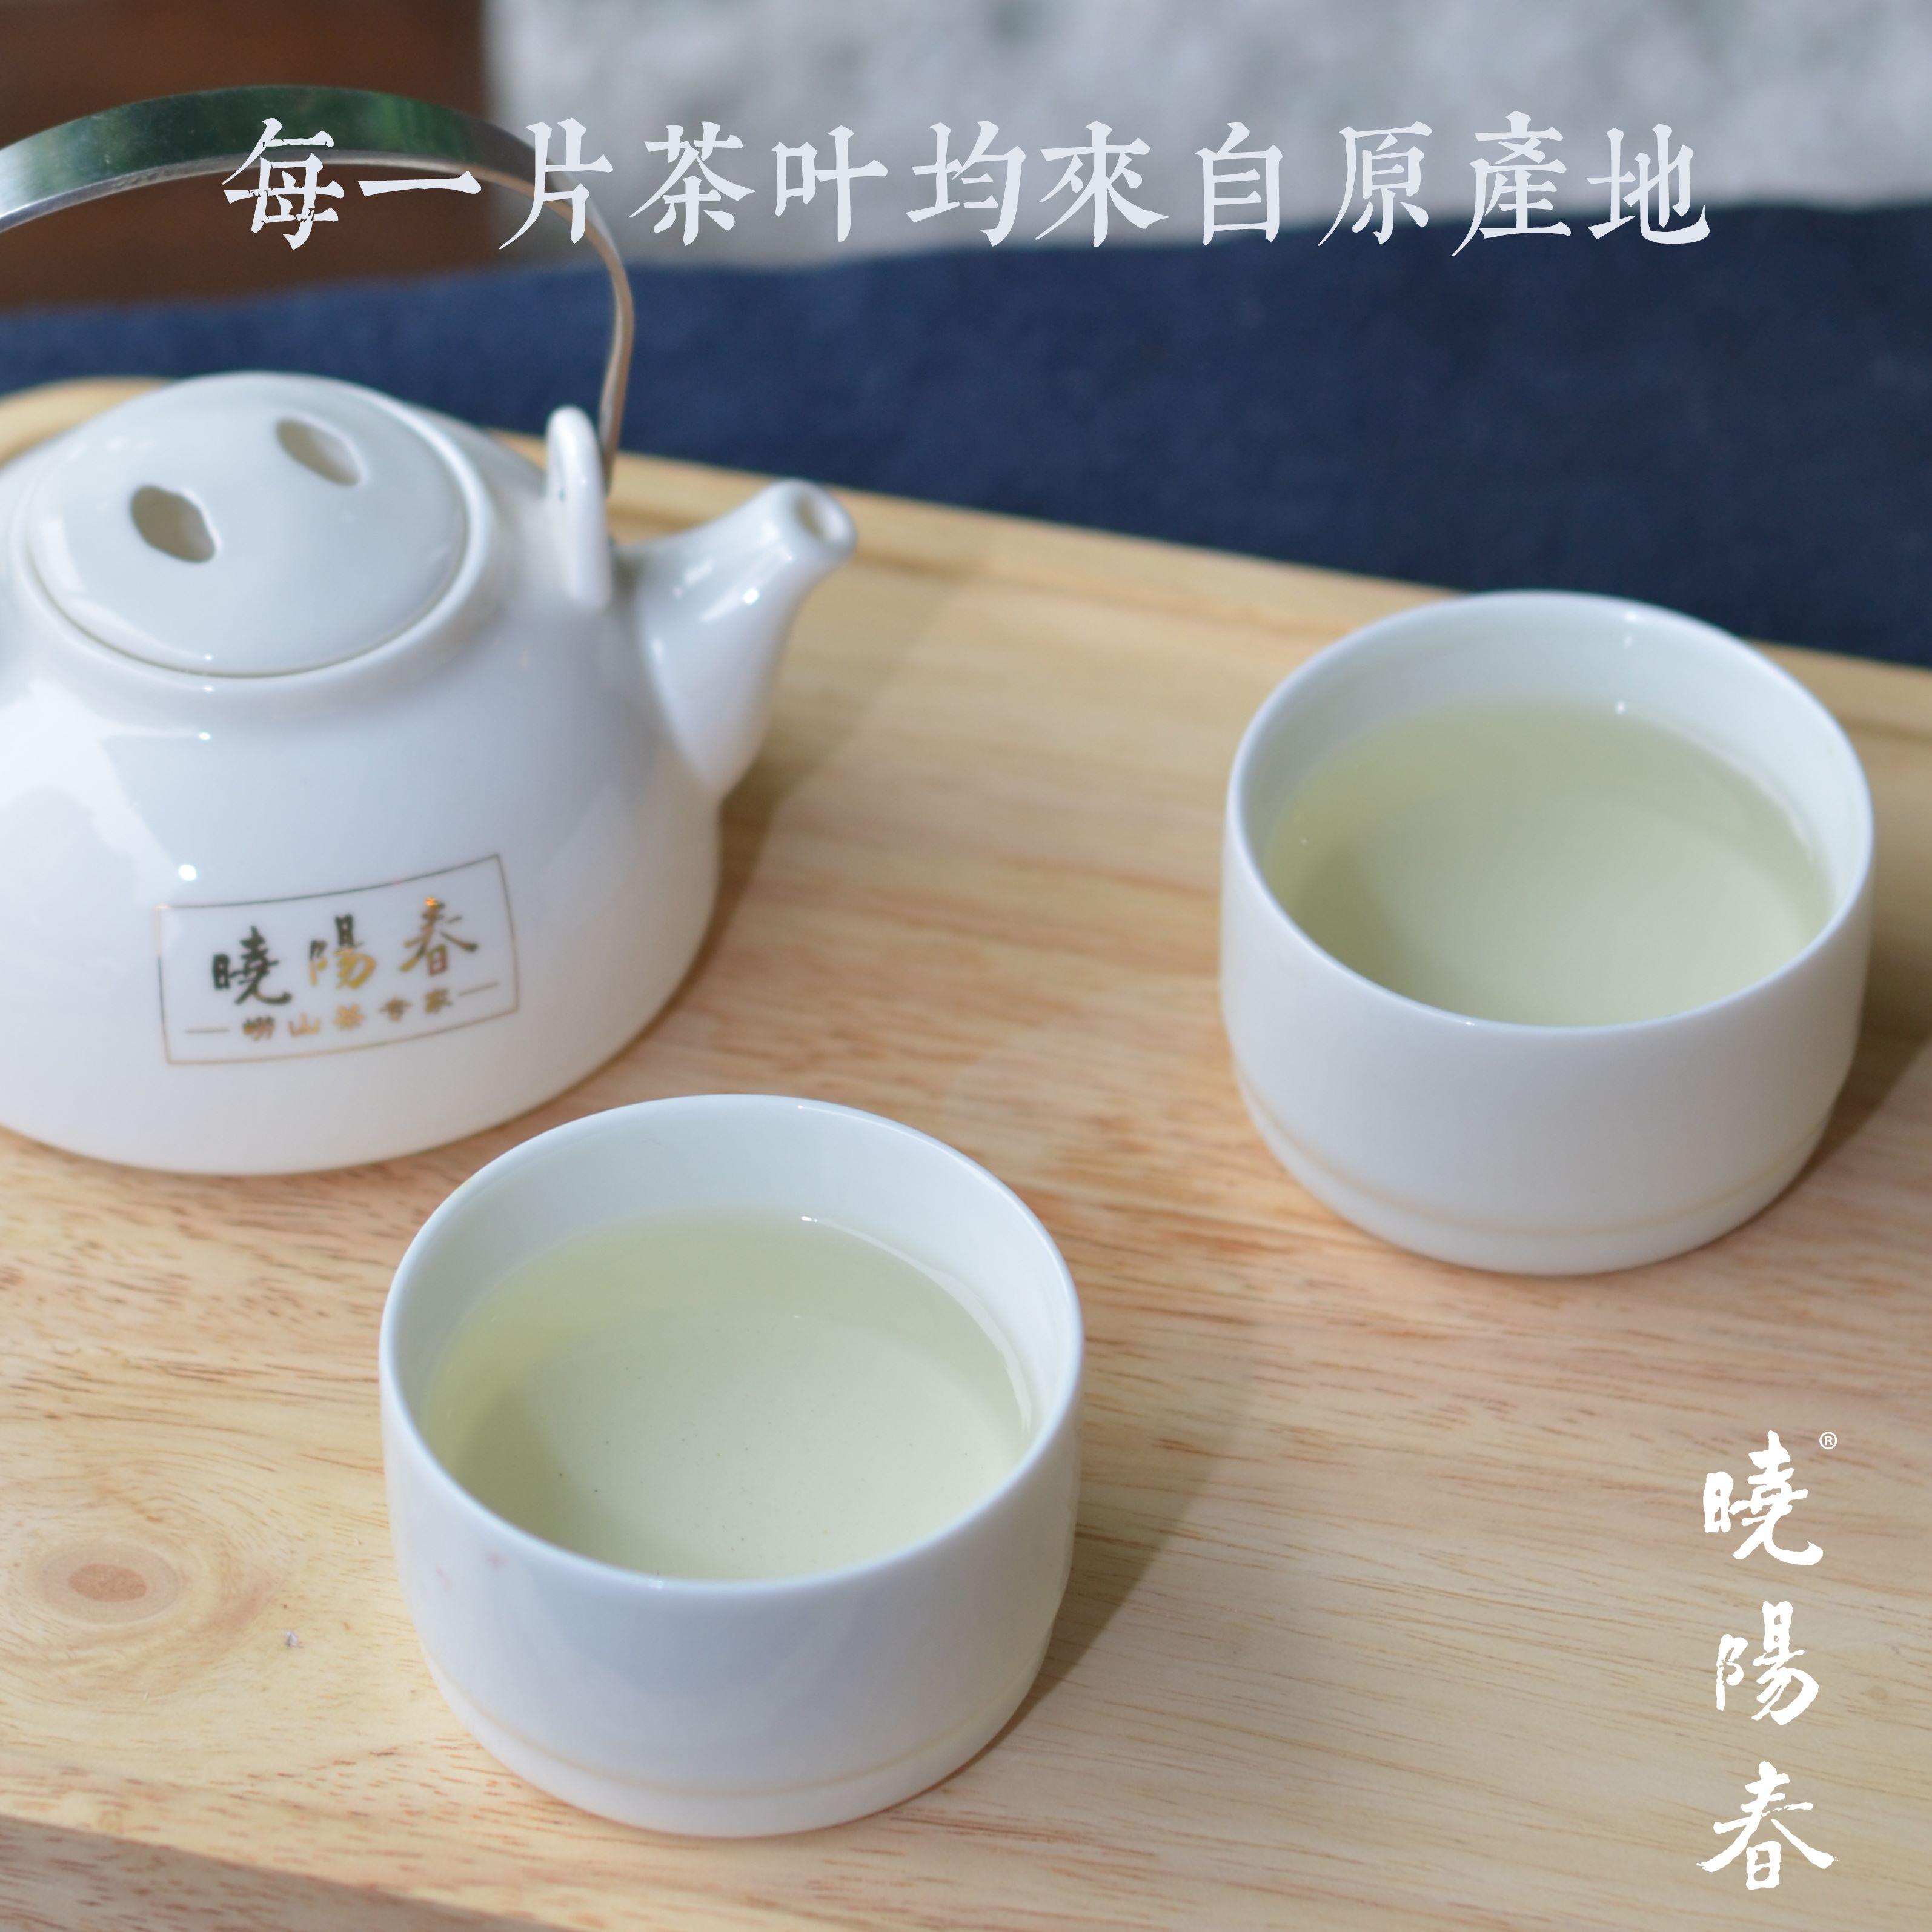 500g 崂山绿茶新茶茶叶礼盒装青岛崂山特产 2018 晓阳春